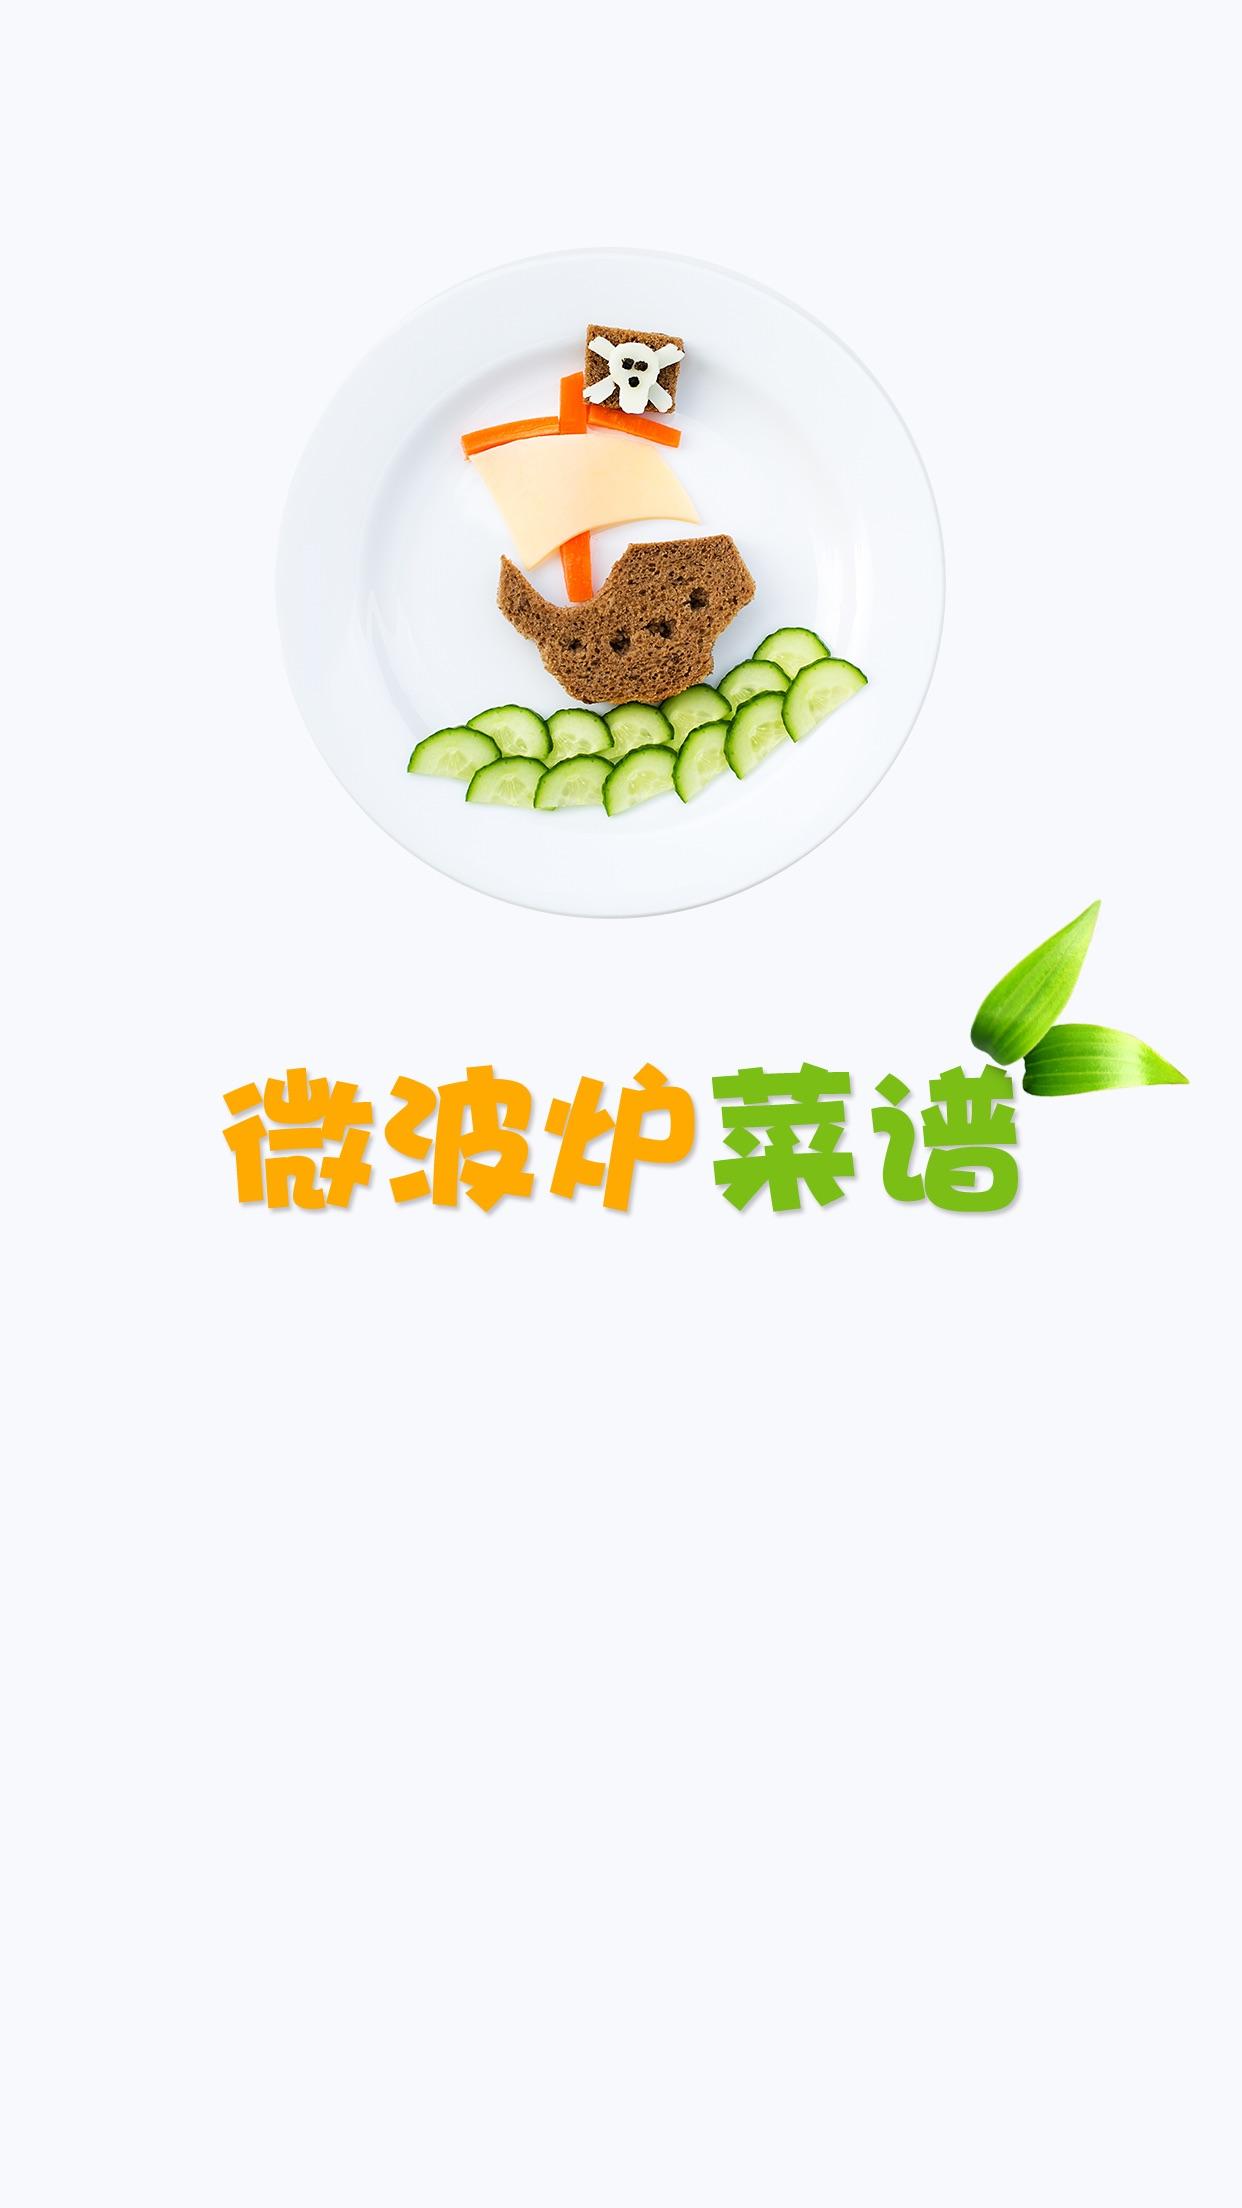 微波炉菜谱 - 微波炉菜谱做法大全 Screenshot